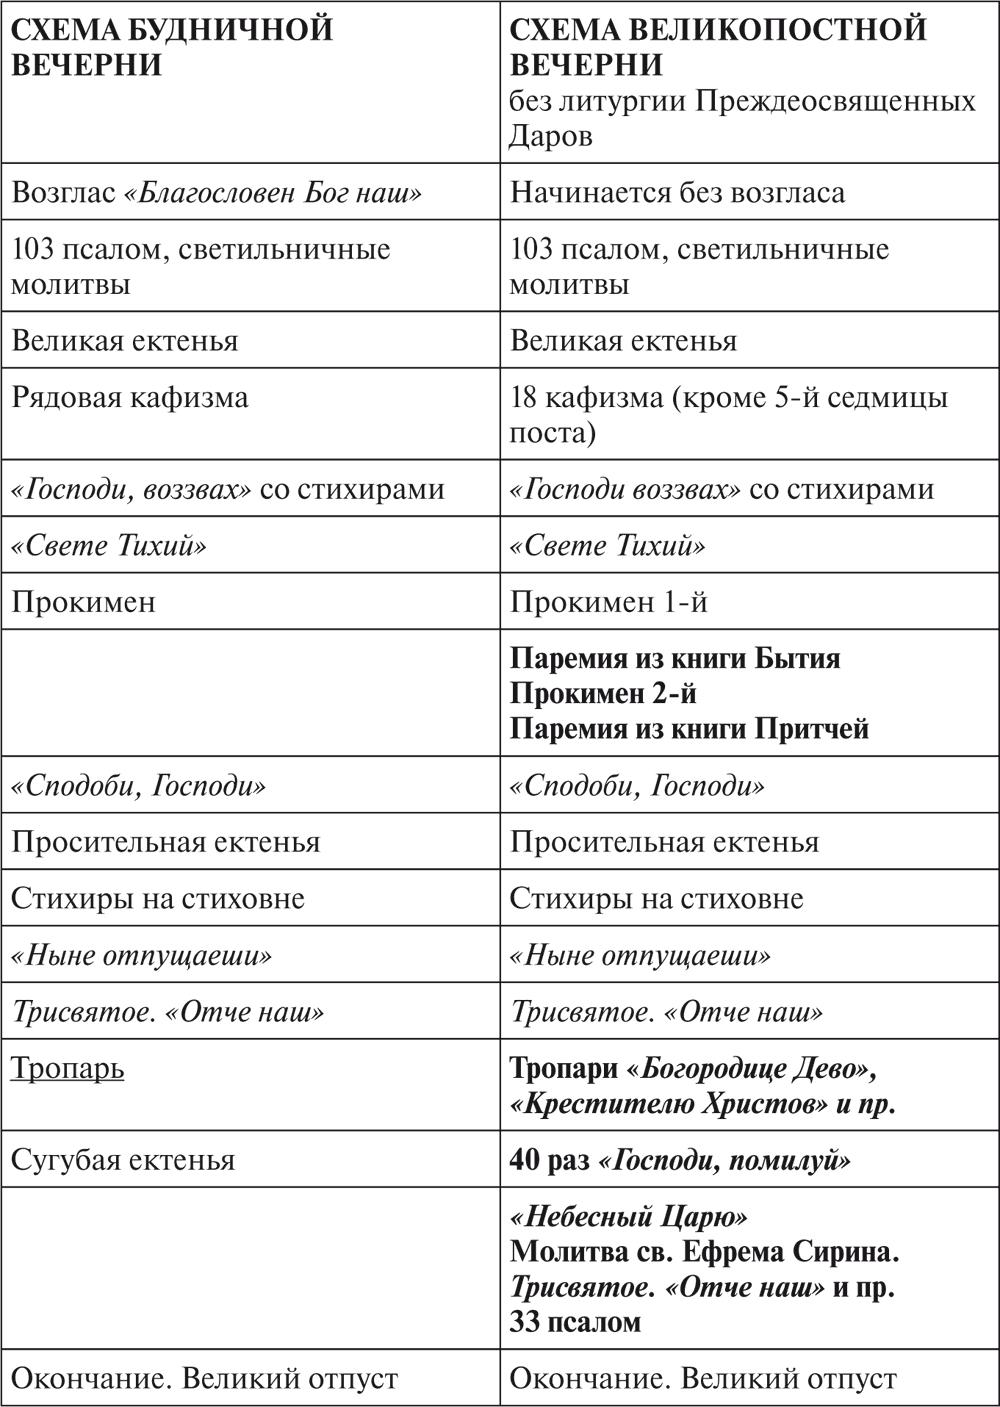 Схема литургии кратко